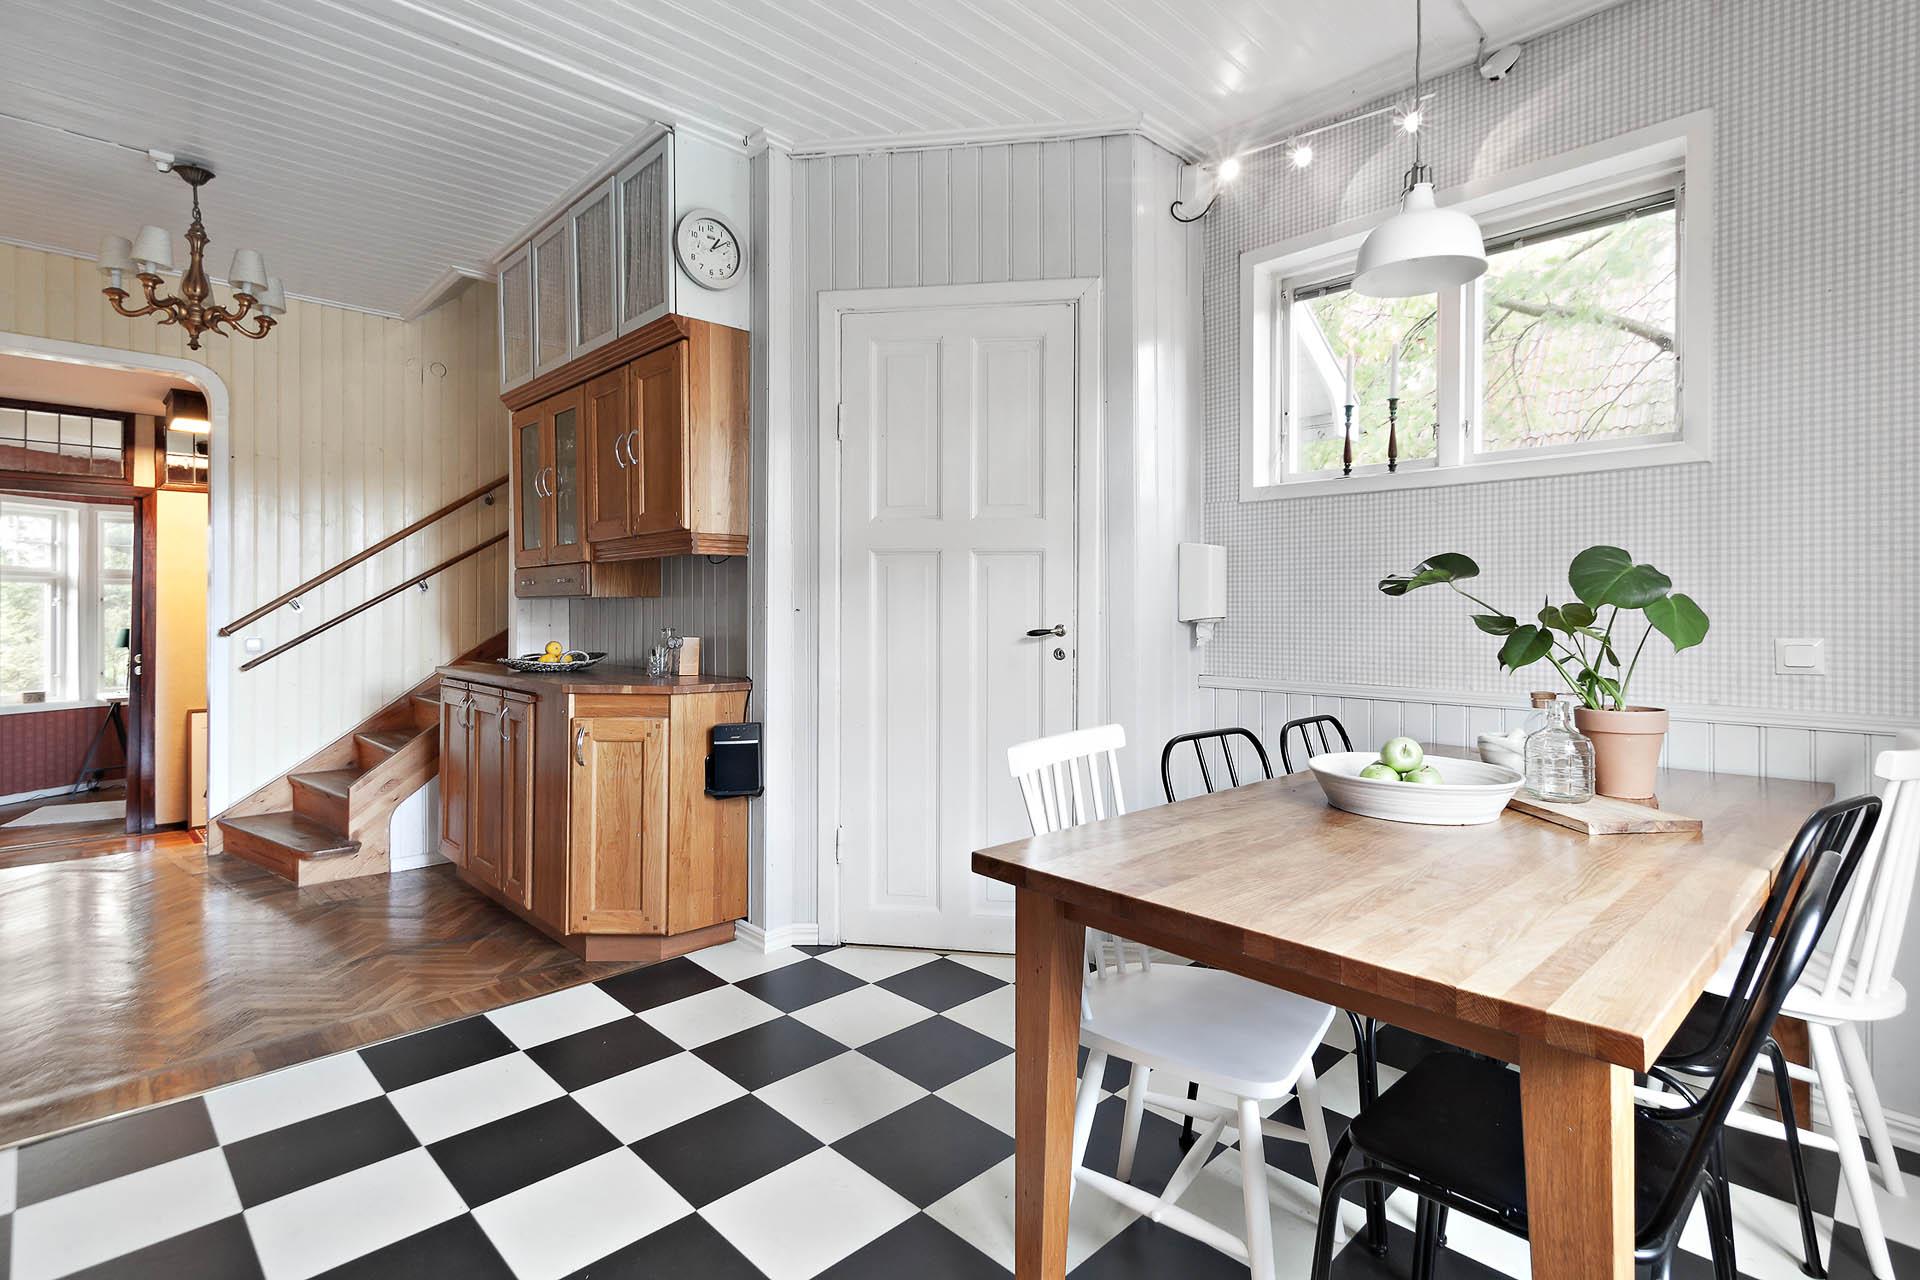 Öppen planlösning mot inre hall. Dörren leder till köksentré och källare.